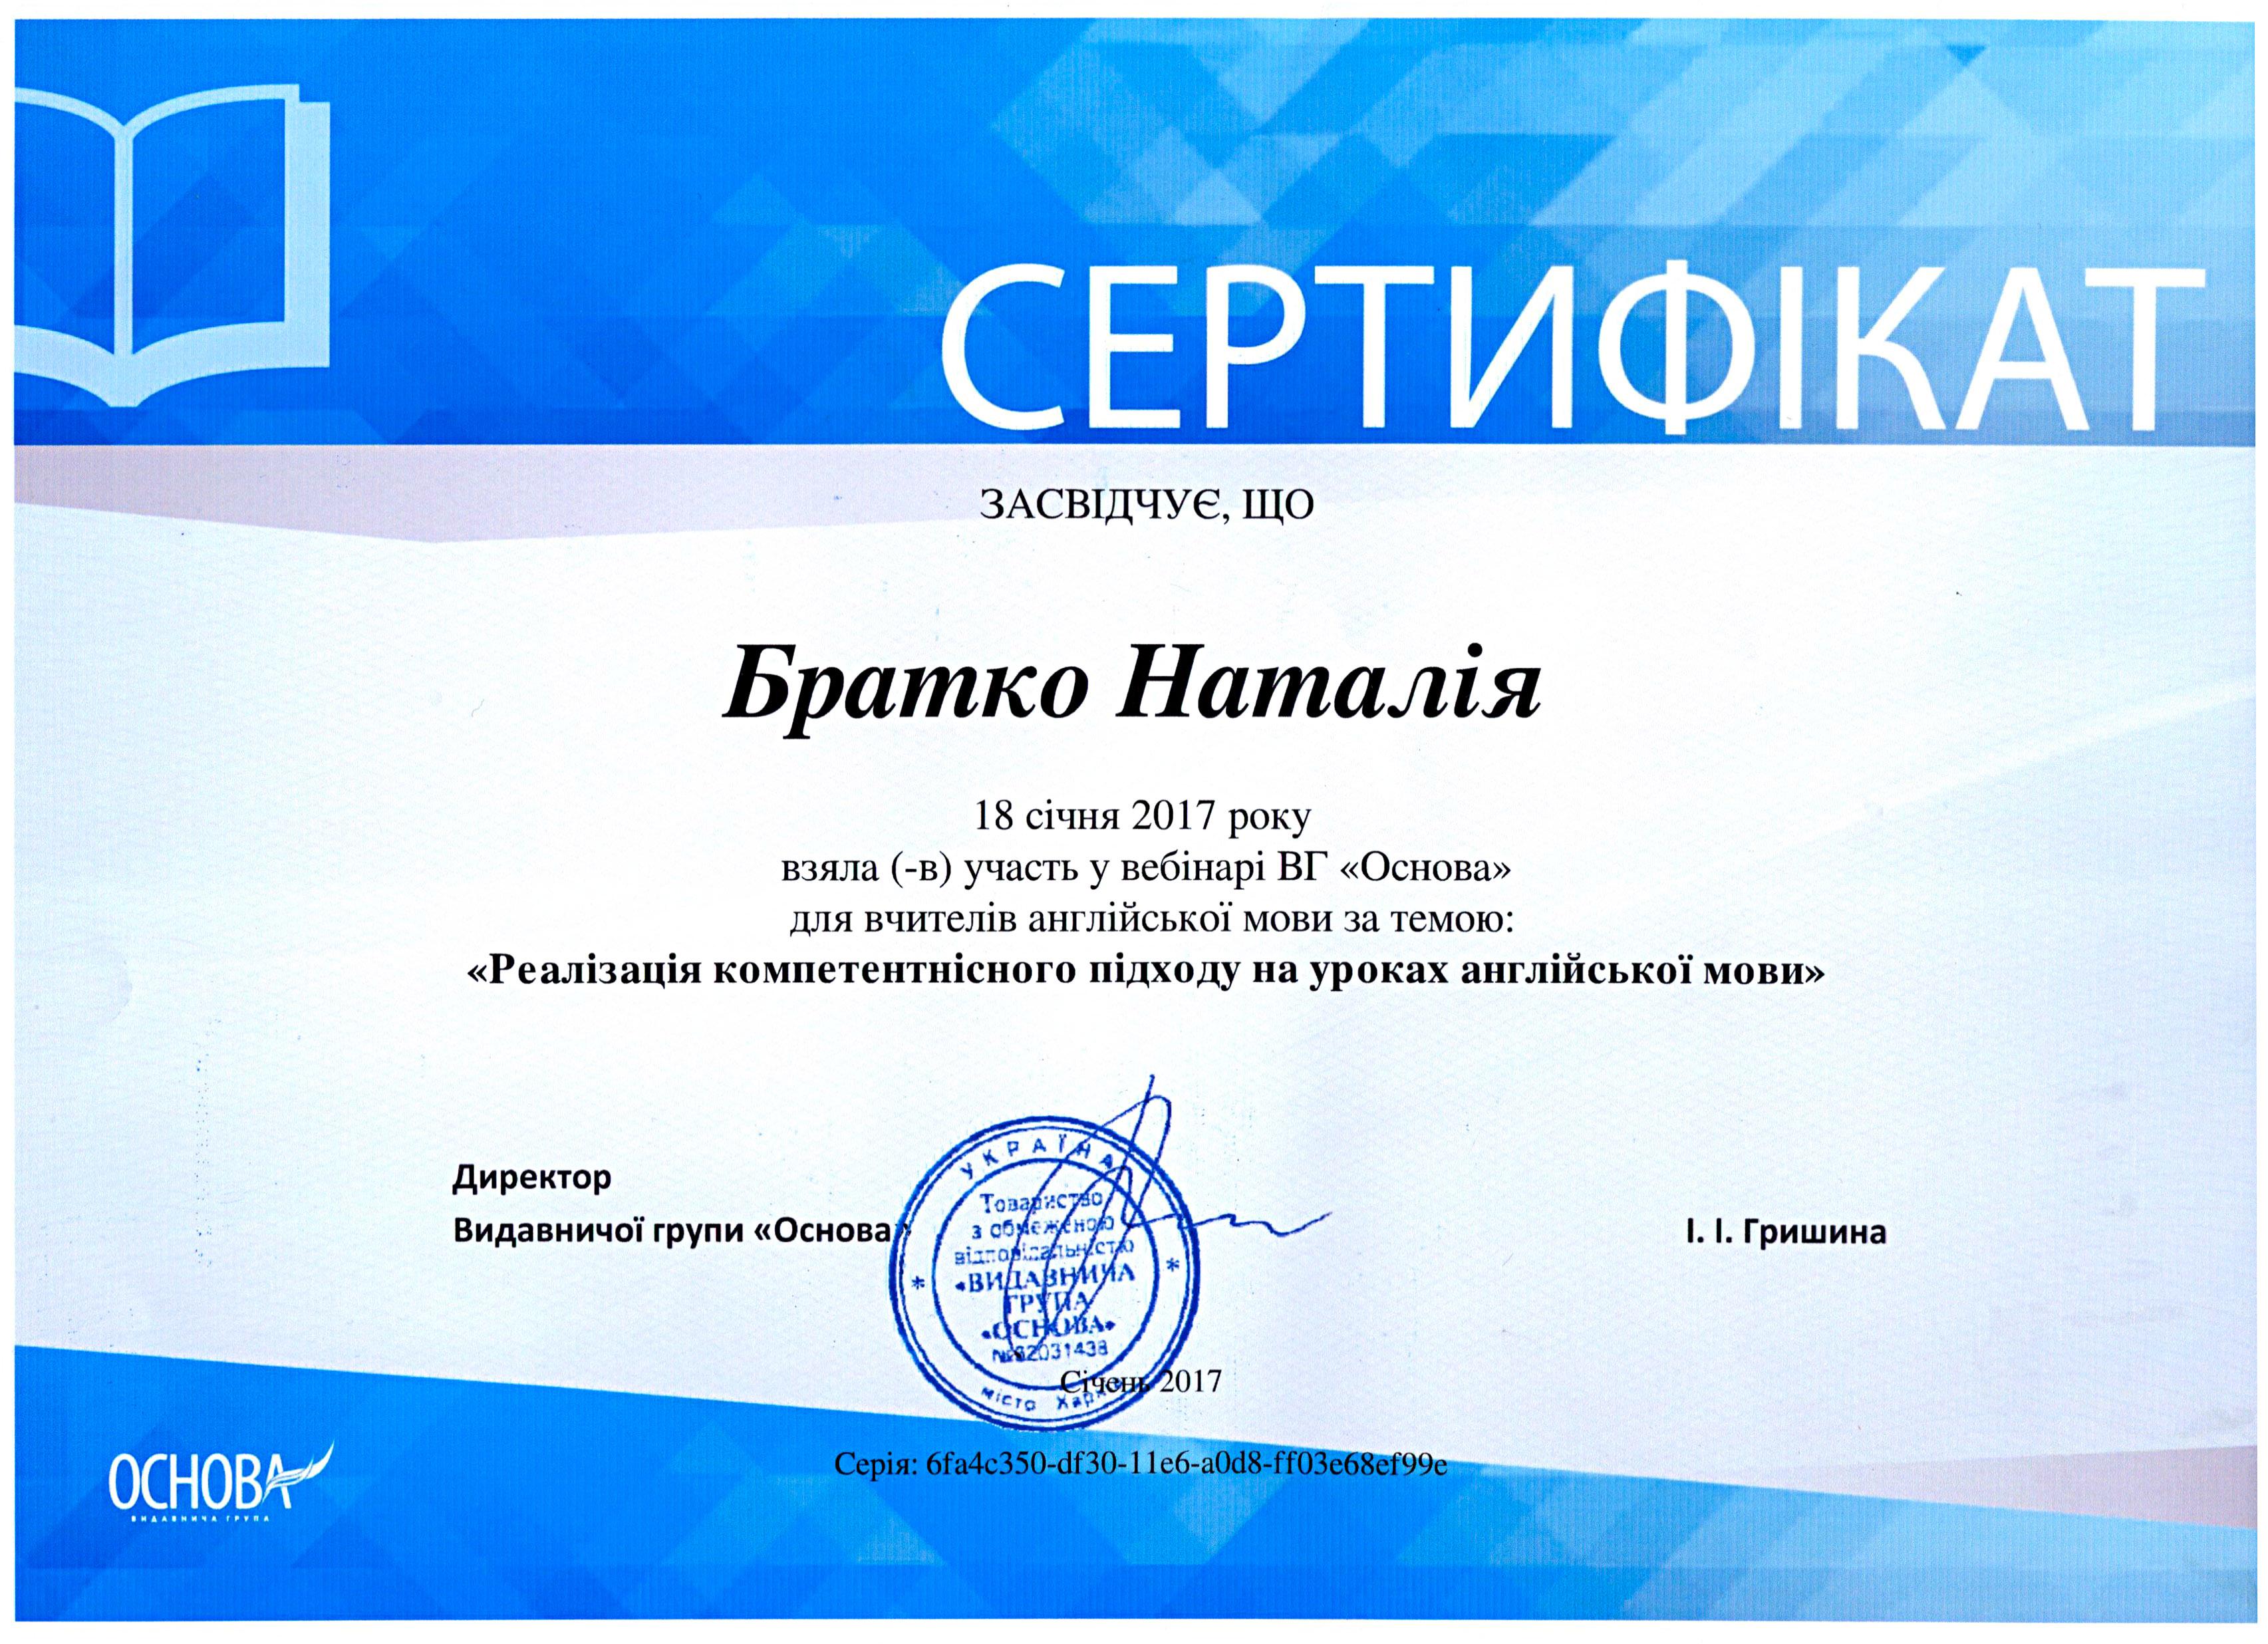 """Сертифікат за участь у вебінарі ВГ """"Основа""""  """"Реалізація компетентнісного  підходу на уроках англійської мови"""""""